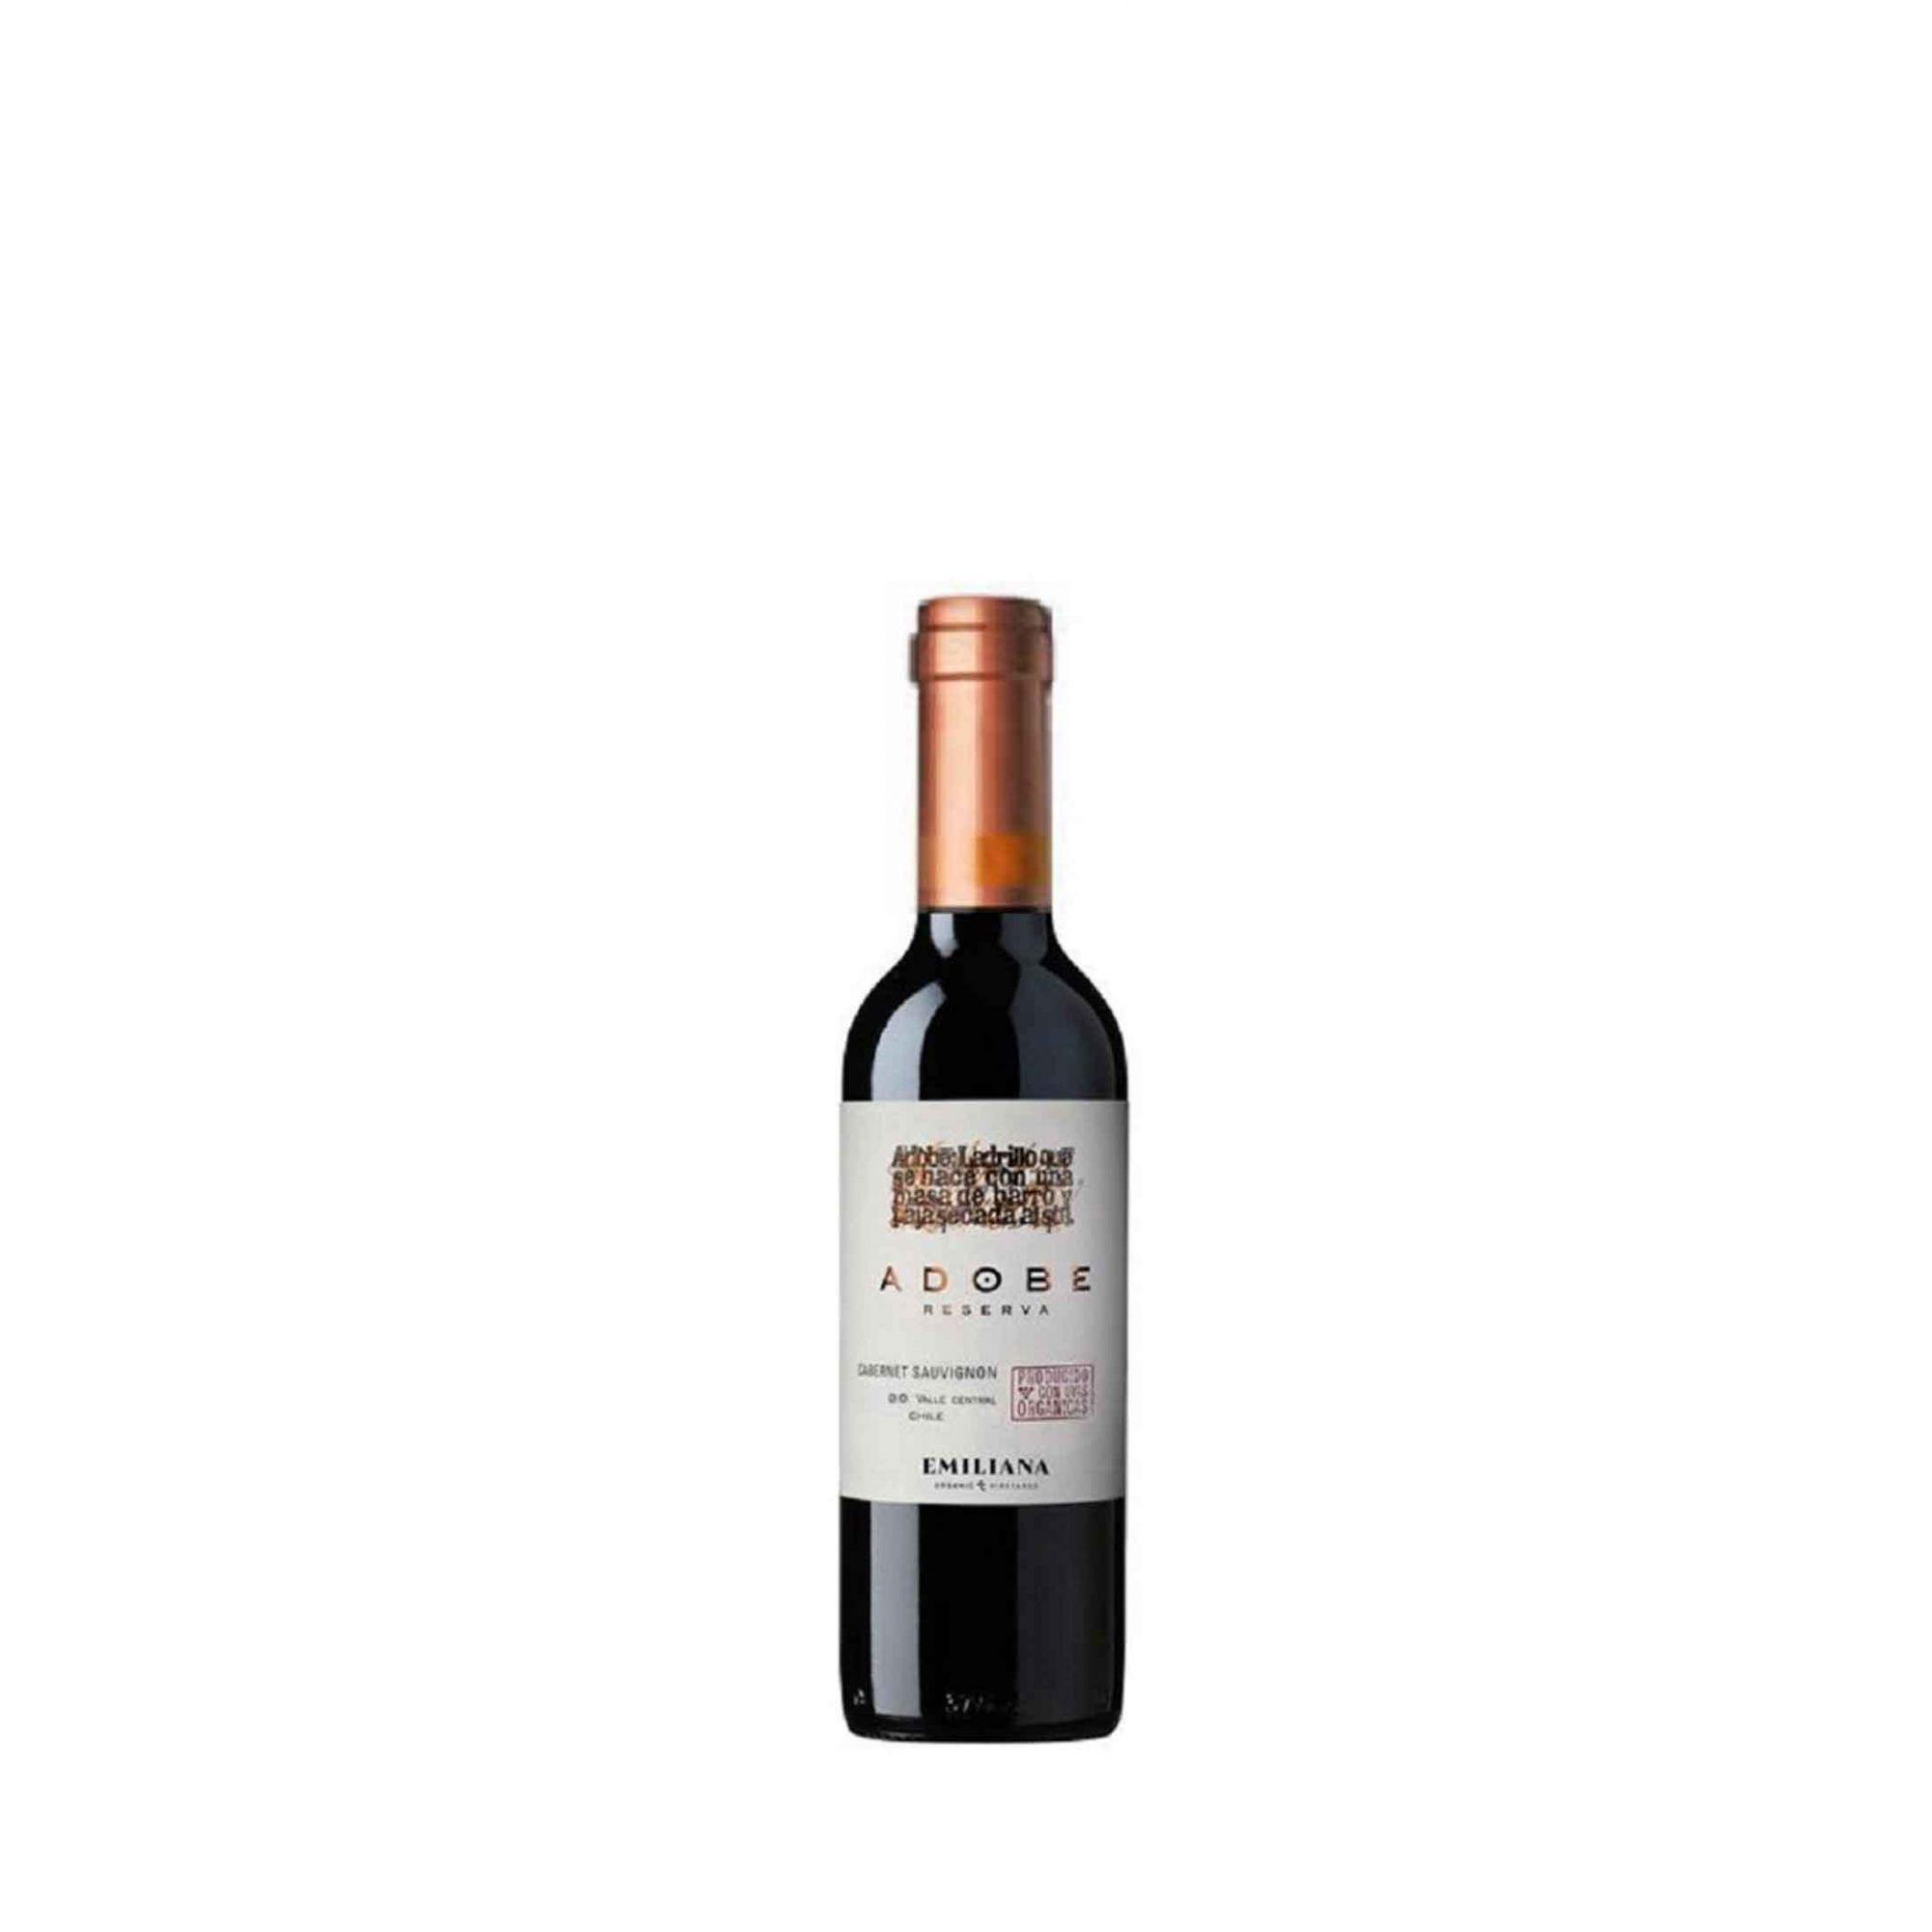 Emiliana Adobe Reserva Cabernet Sauvignon 375 ml